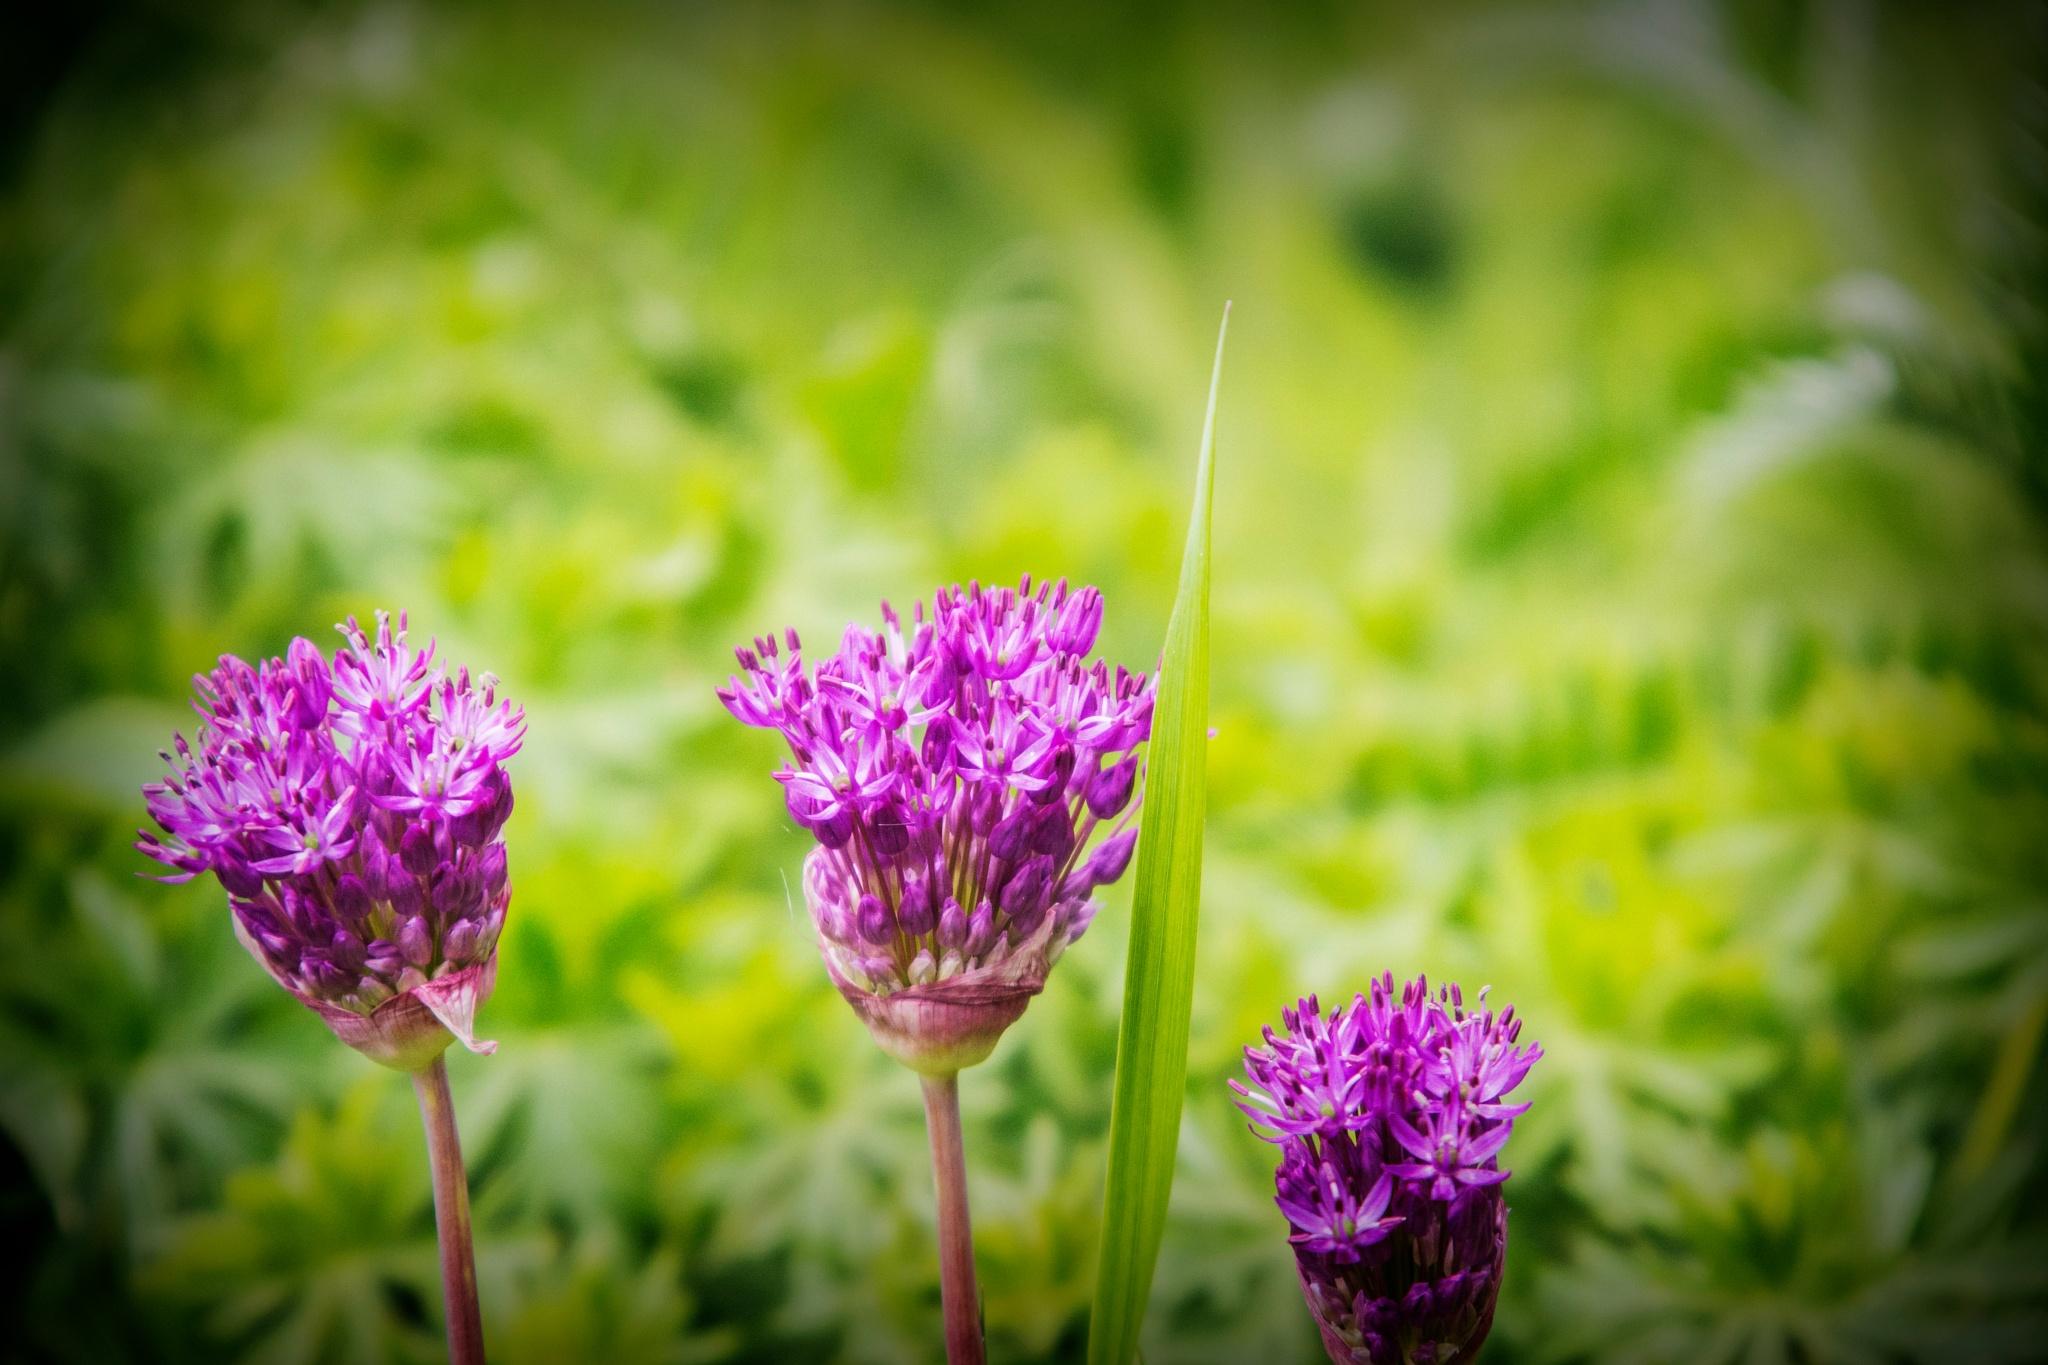 Purple Weeds II by Wayne L. Talbot